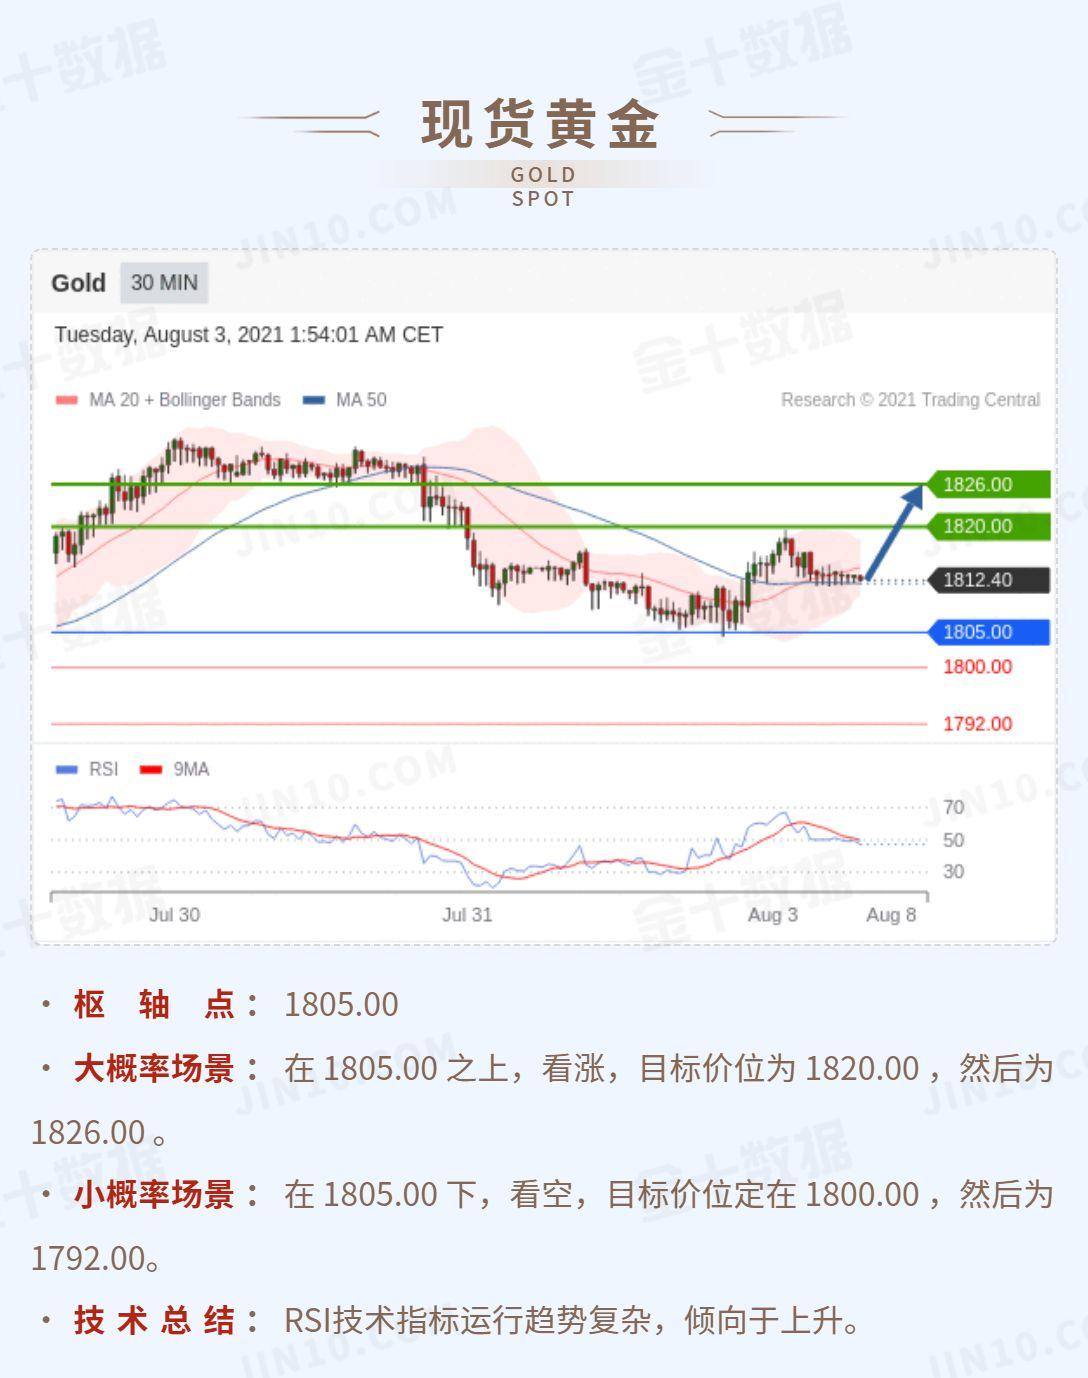 技术刘:现货黄金在1805上方看涨,白银继续承压